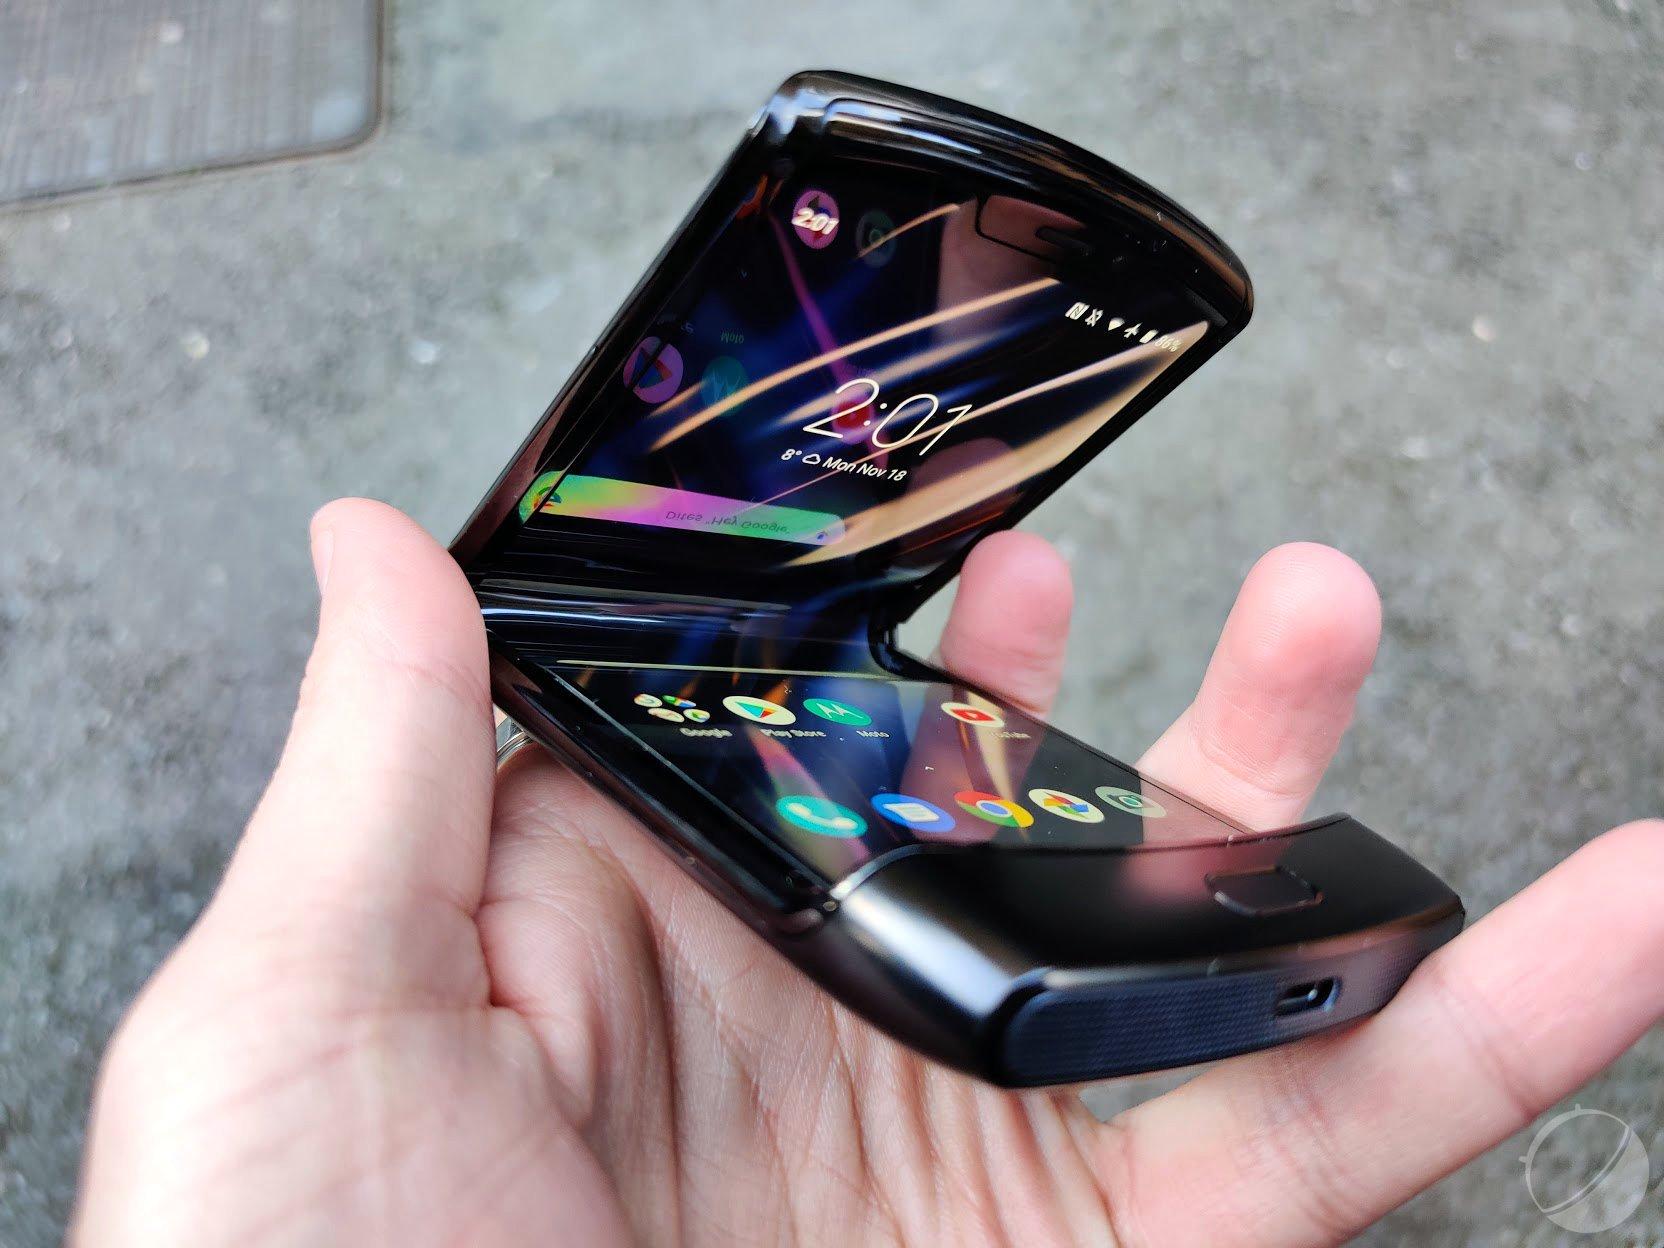 Motorola RAZR : Le smartphone pliable | Idées cadeaux insolites